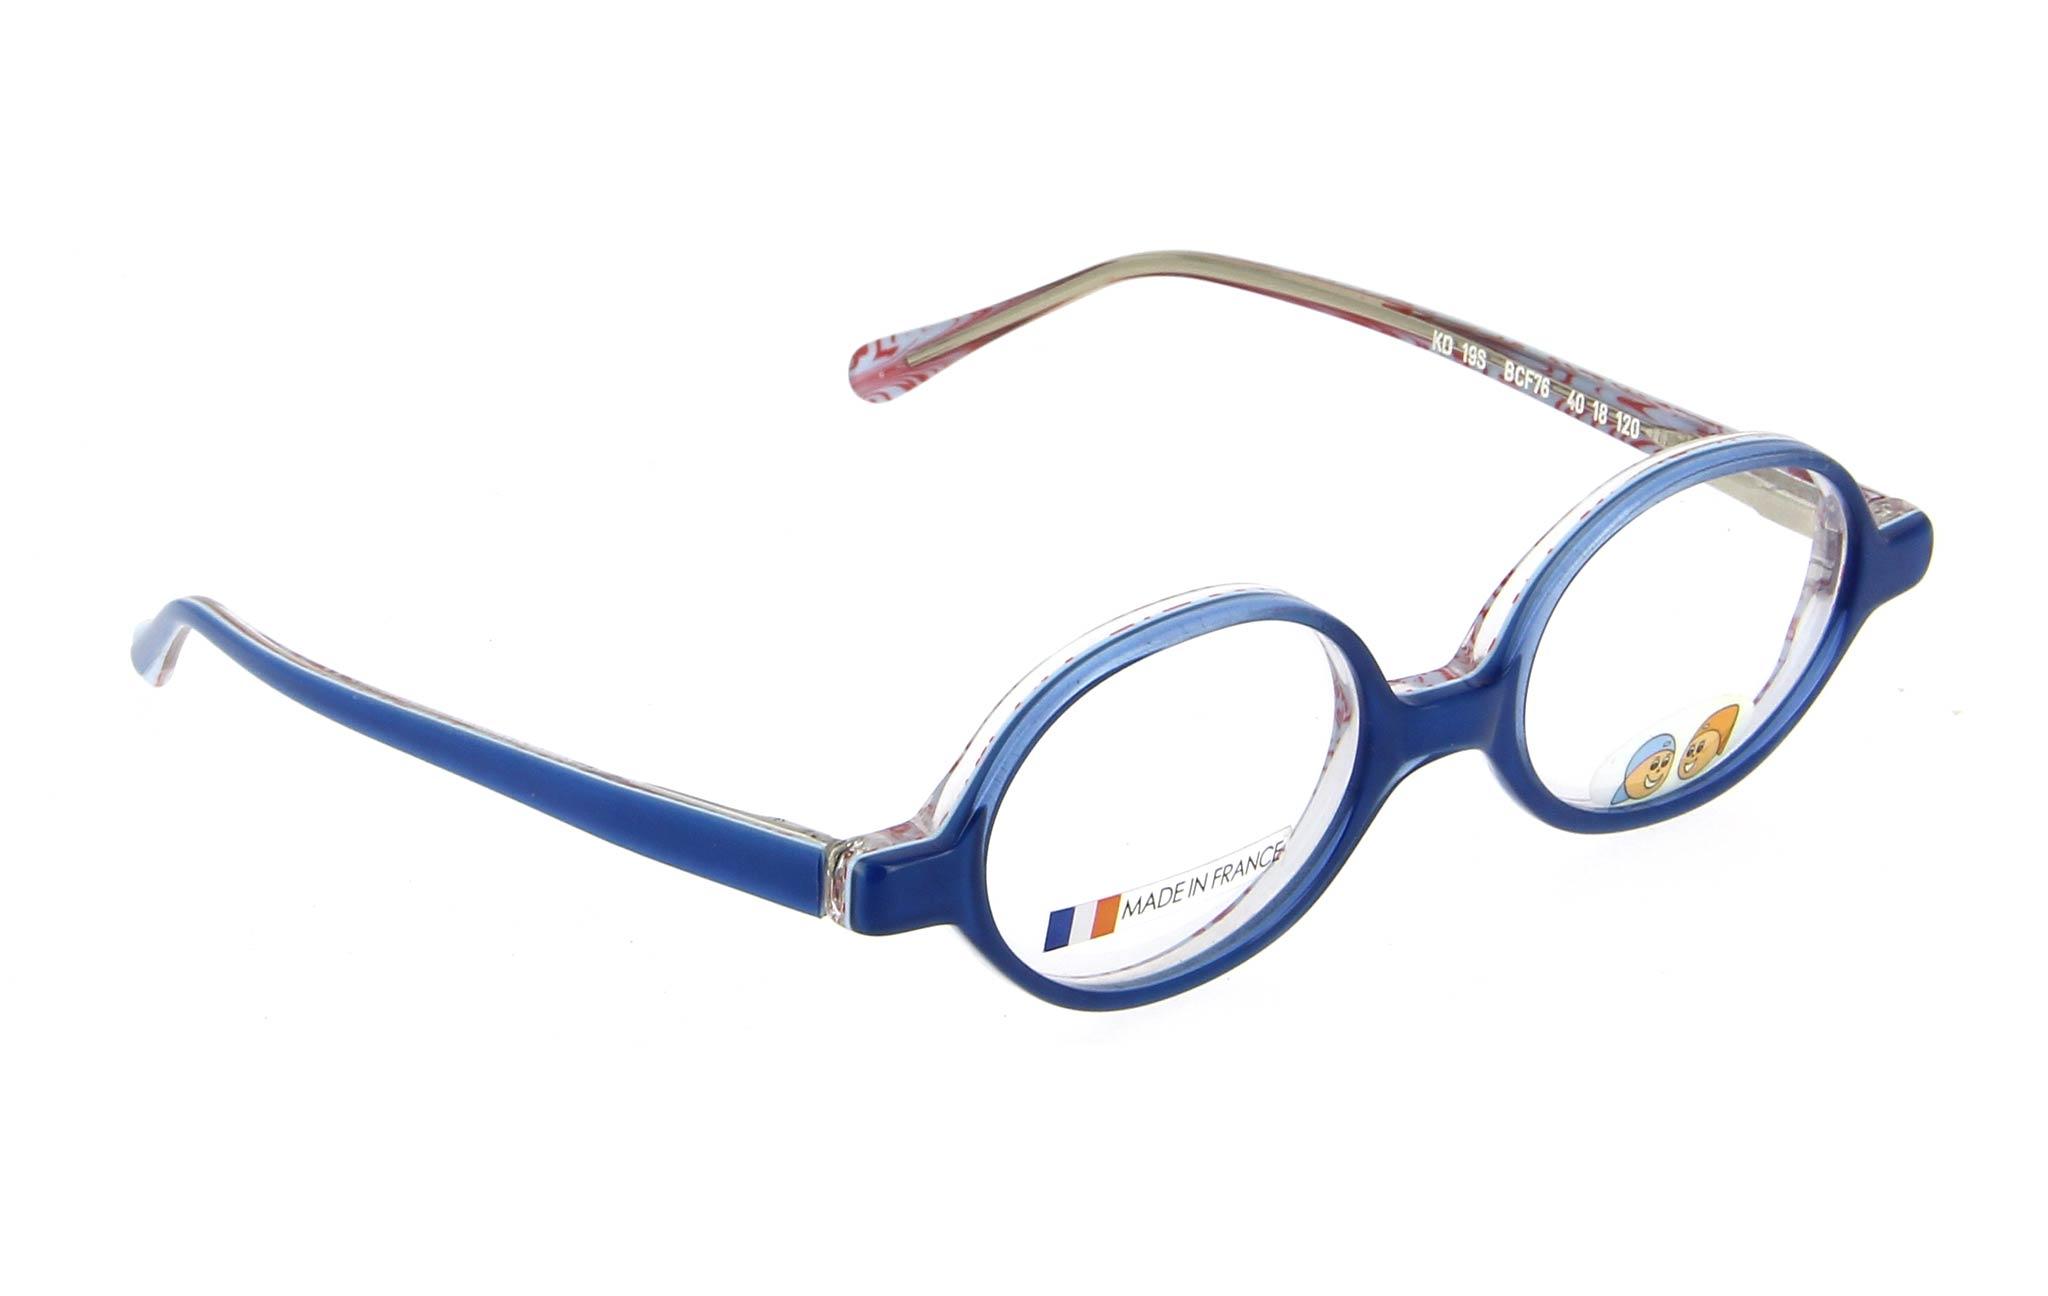 lunettes enfant pitchounes kd 19s bcf76 bleu